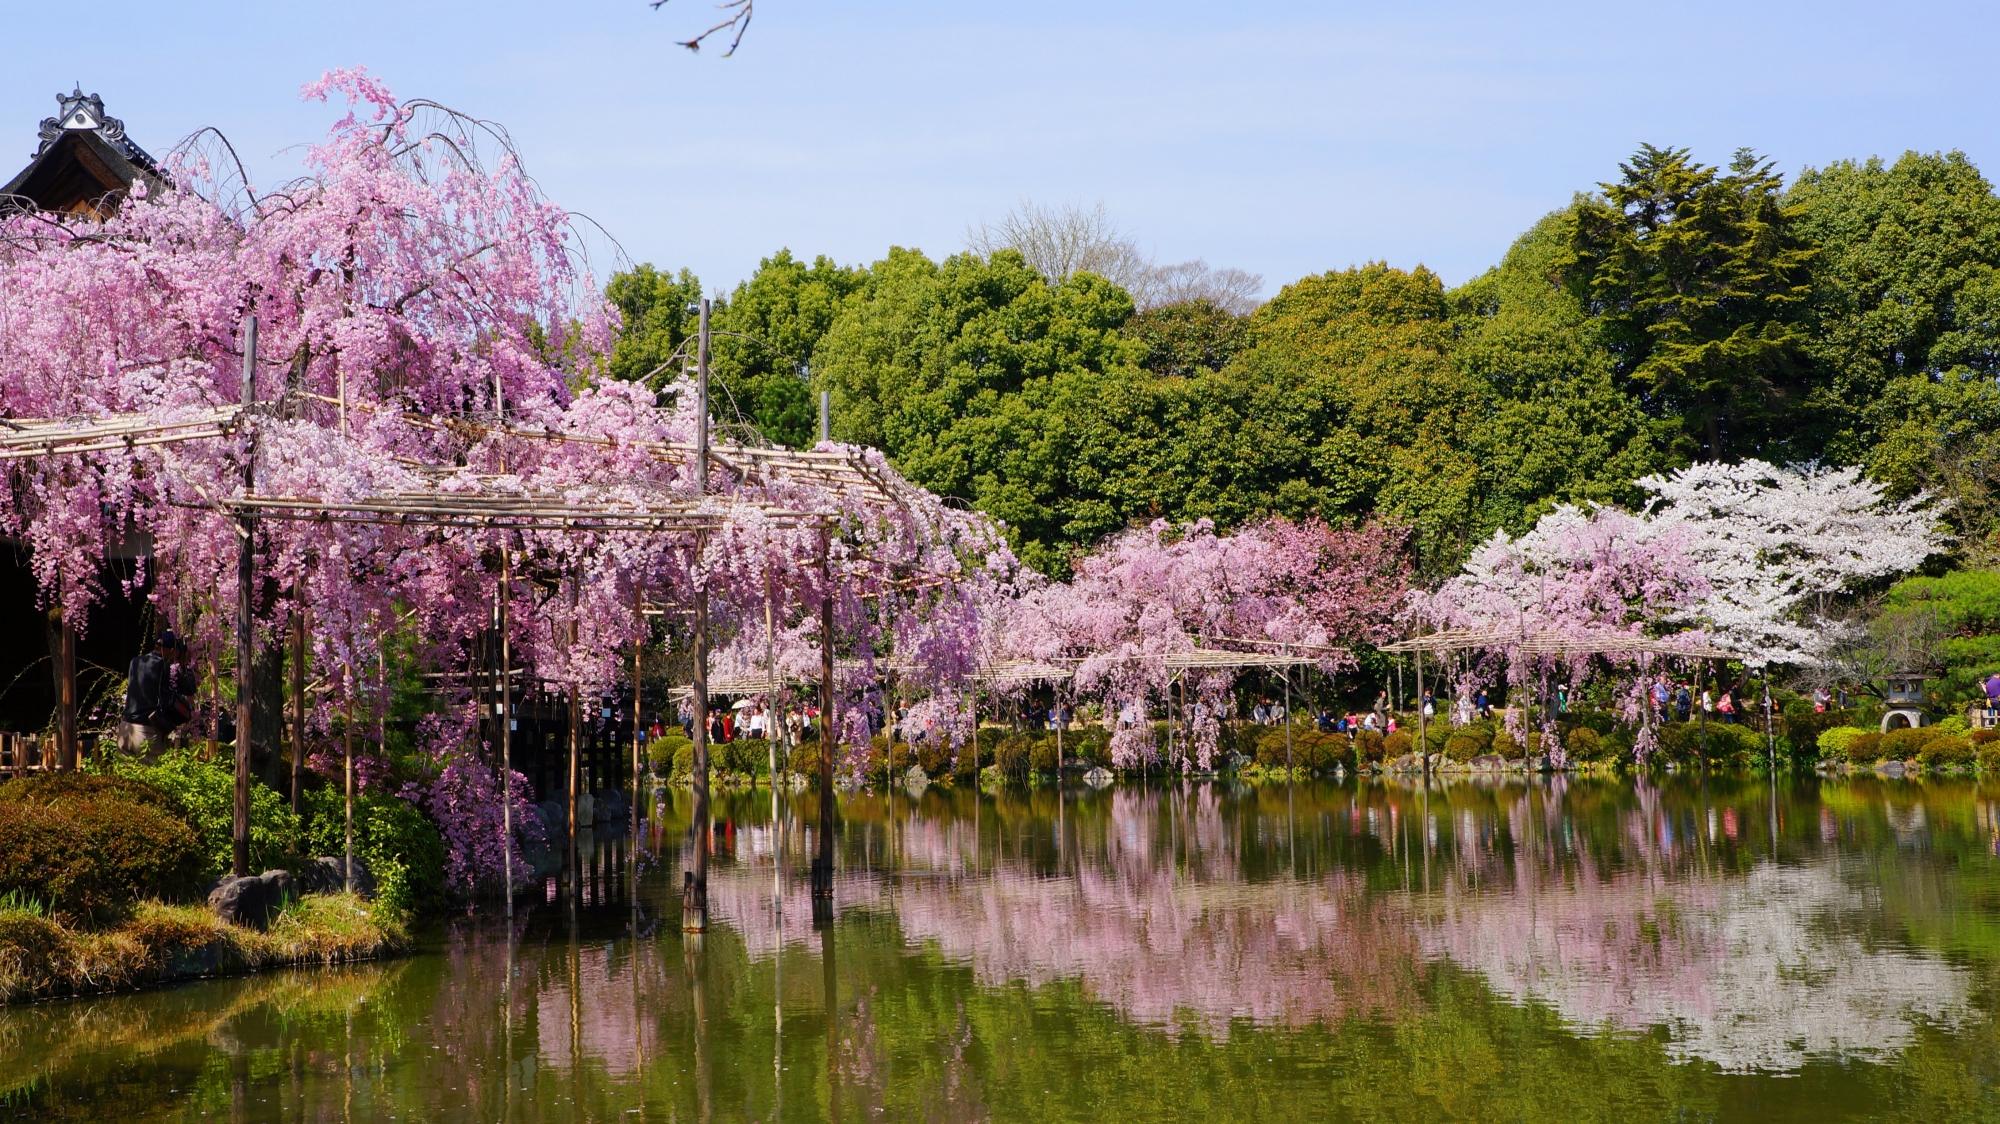 神苑の水辺を彩る華やかな桜